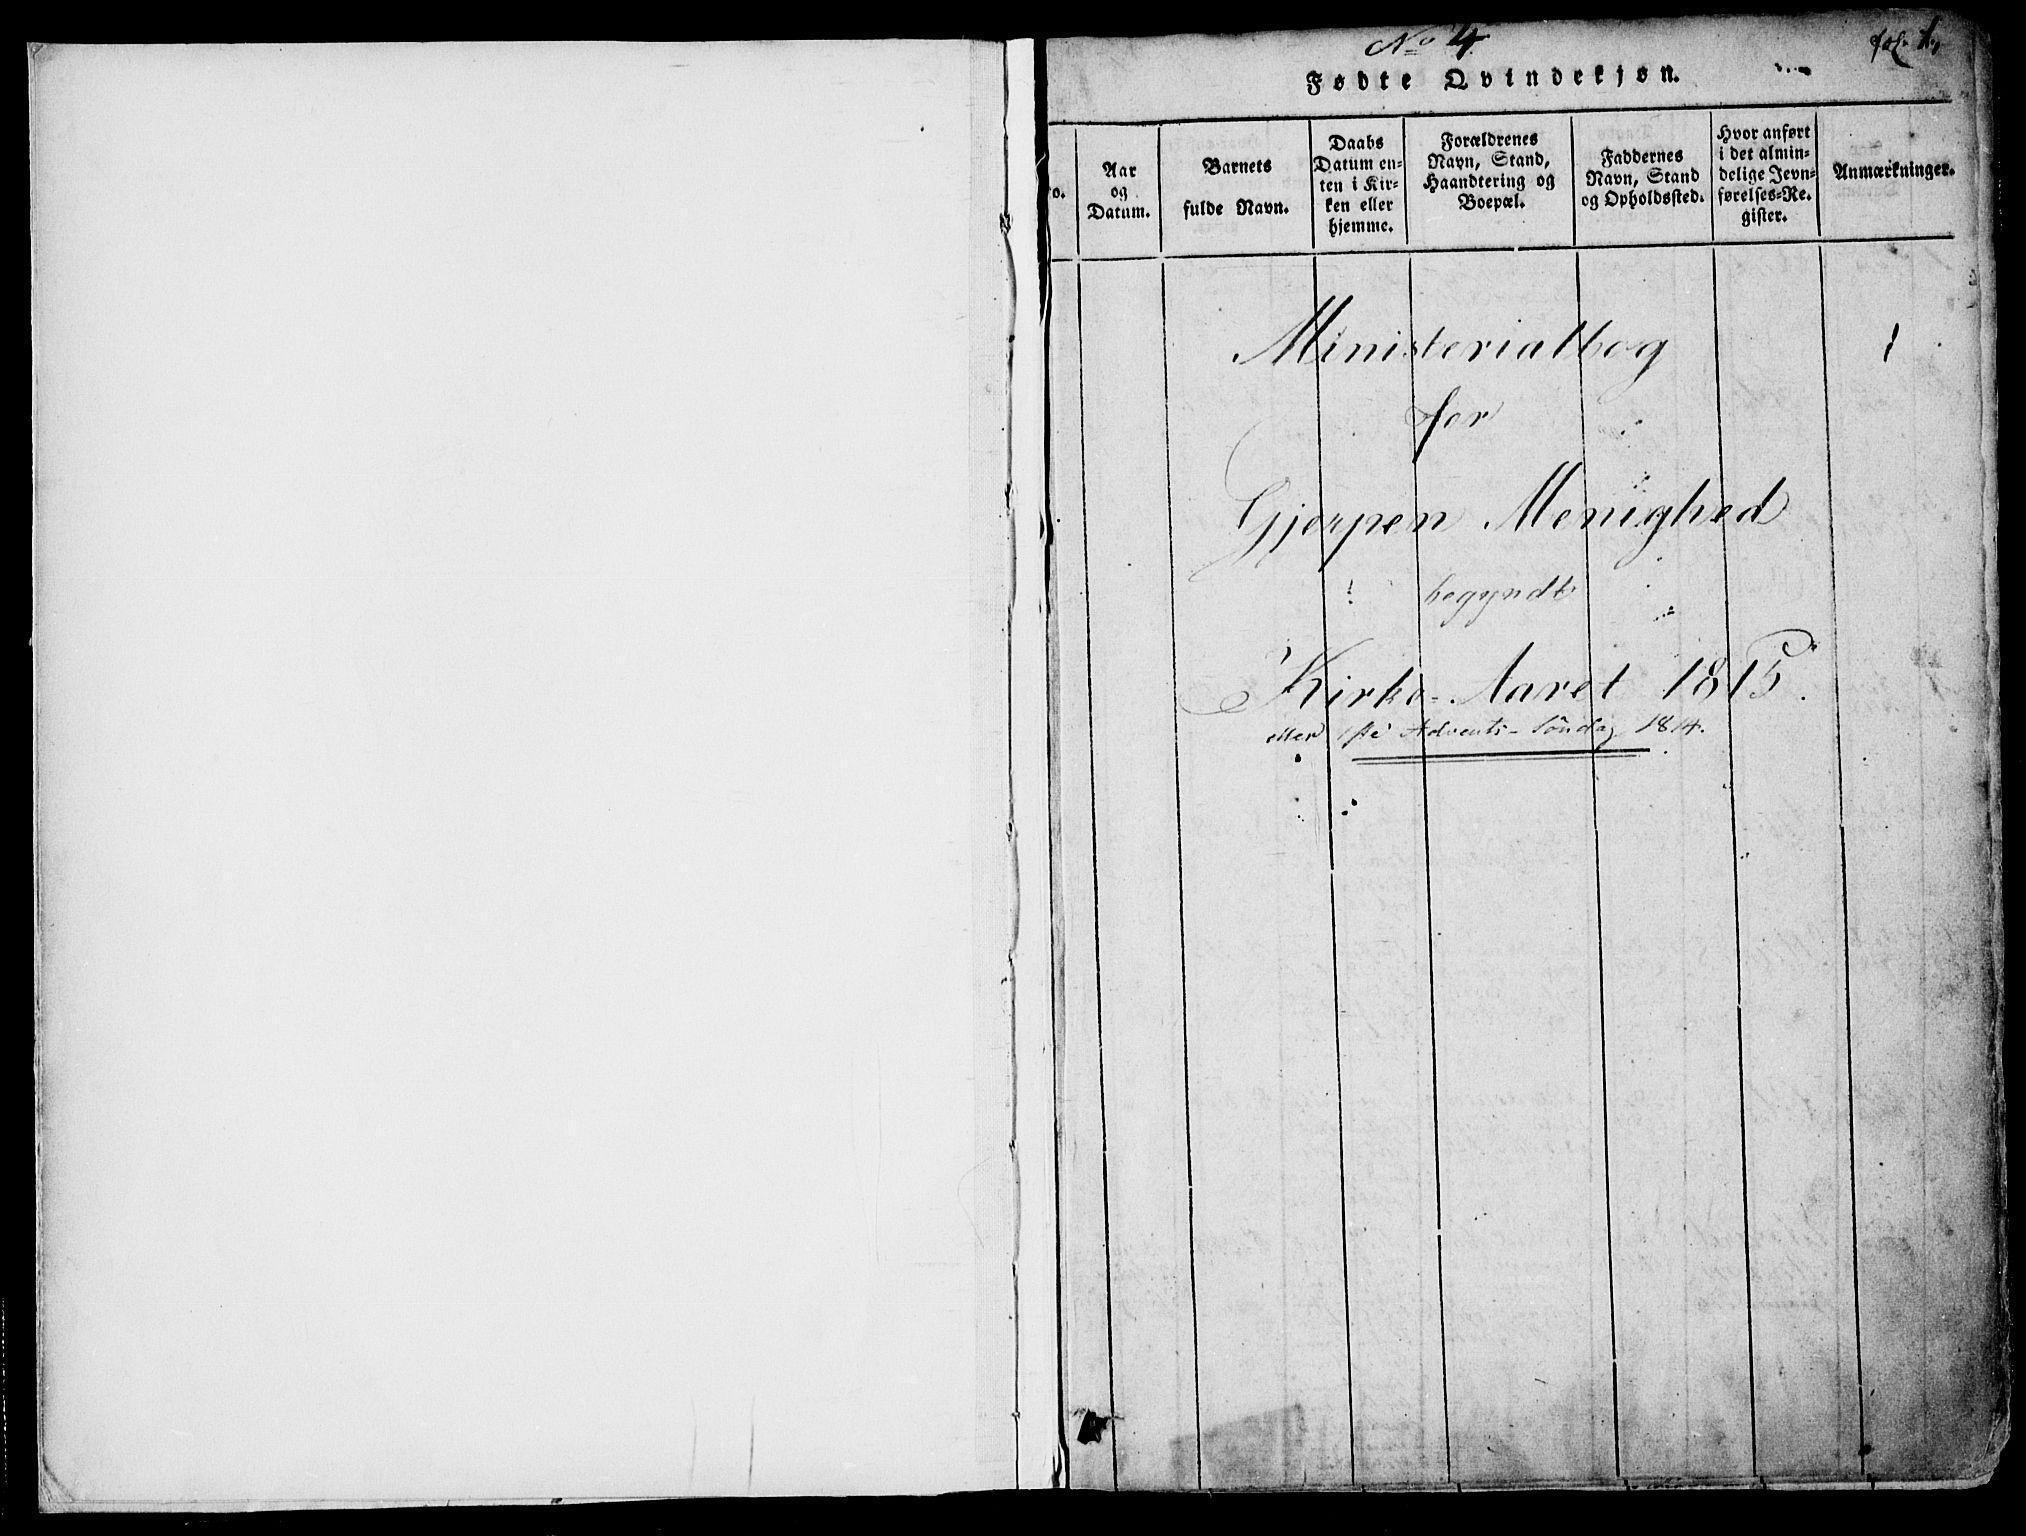 SAKO, Gjerpen kirkebøker, F/Fa/L0004: Ministerialbok nr. 4, 1814-1823, s. 1